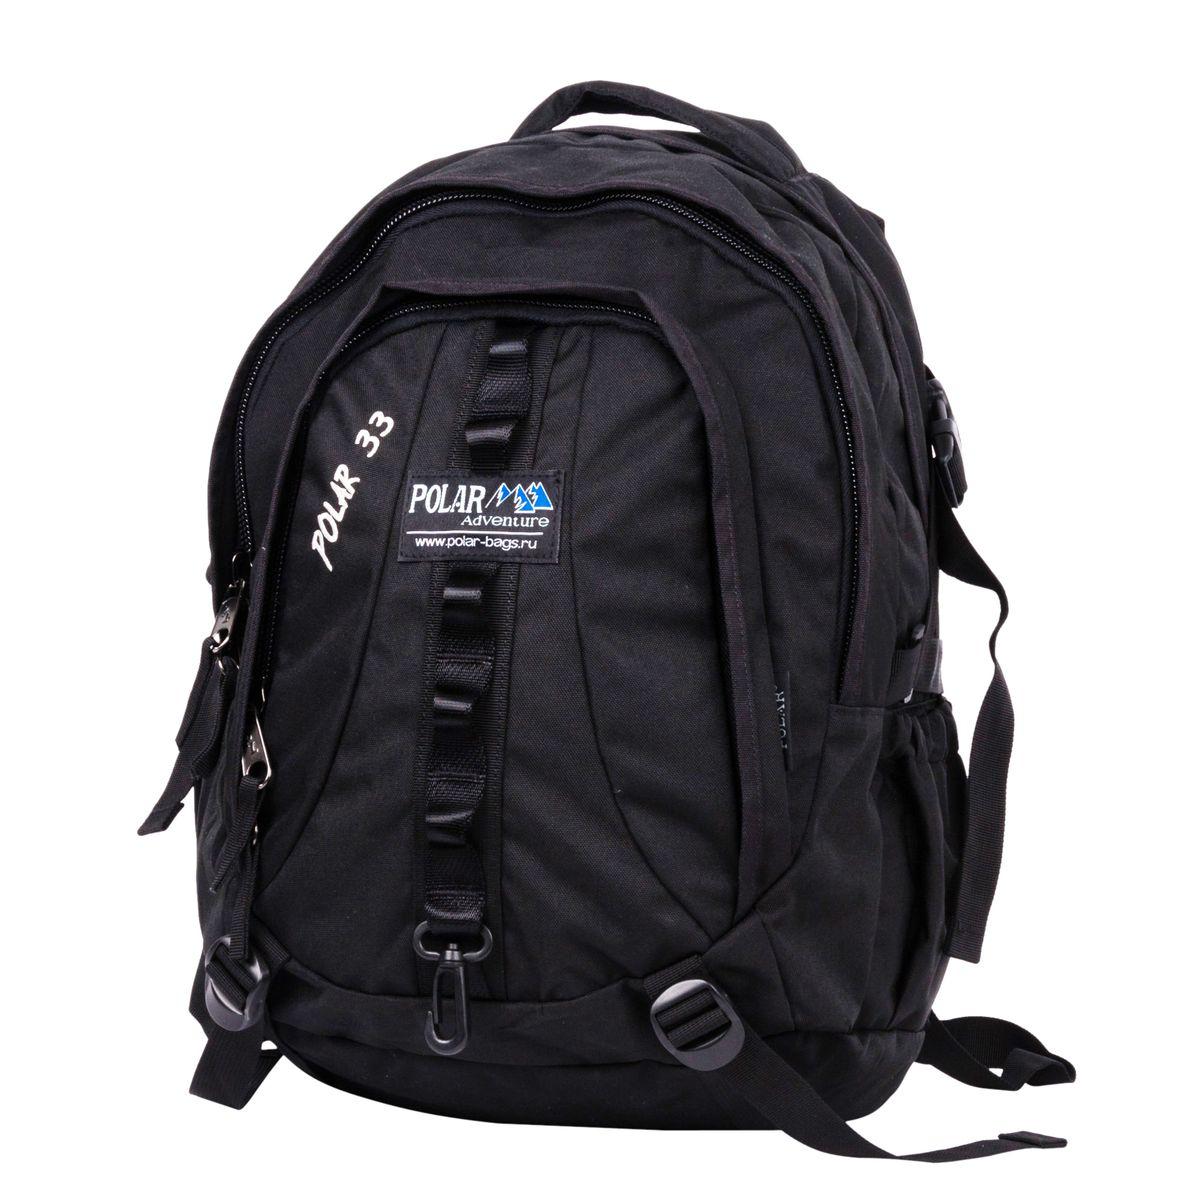 Рюкзак городской Polar, цвет: черный, 27 л. П1002-05П1002-05Небольшой вместительный рюкзак Polar оснащен полностью вентилируемой спинкой с системой Aircomfort. Мягкие плечевые лямки создают дополнительный комфорт при ношении. Центральный отсек для персональных вещей и внутренним карманом для папки А4. Маленький карман для mp3, CD плеера. Выход под наушники. Большой передний карман с органайзером. Так же есть грудные стяжки, фиксирующие его удобное положение. Боковой карман из трикотажной сетки для бутылки с водой. Дождевик специальной формы на рюкзак, защищает его от намокания в дождливую погоду.